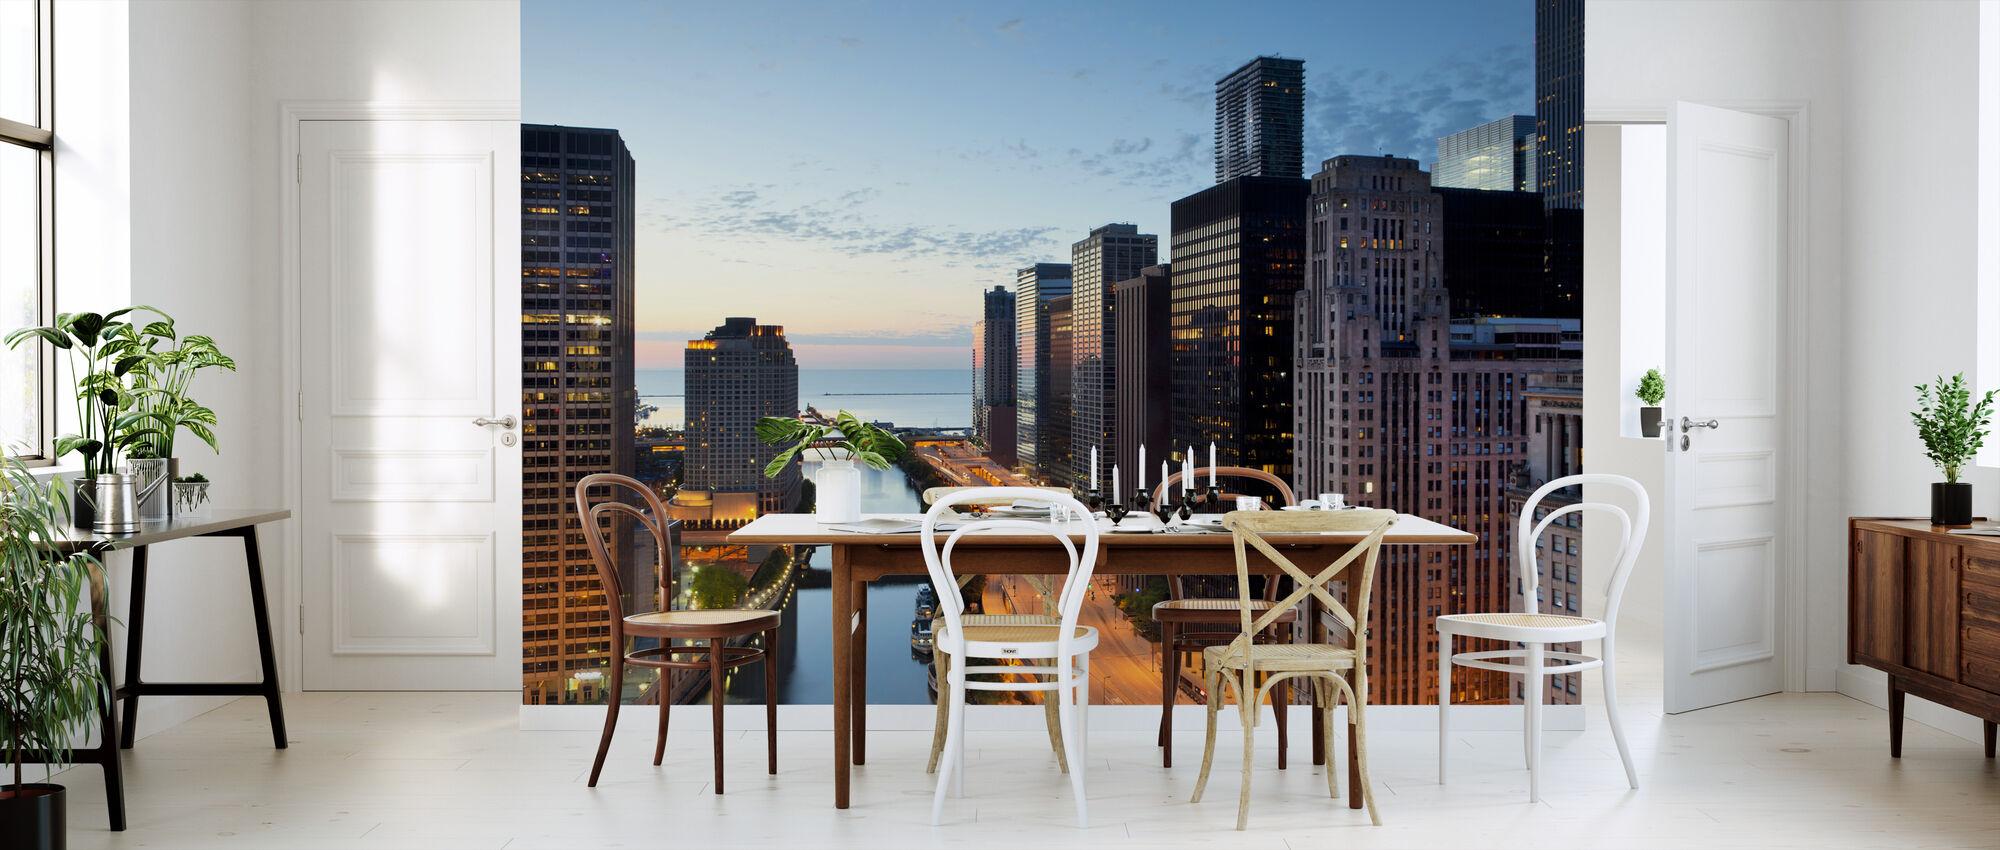 Voorbij de stadslichten in Chicago - Behang - Keuken